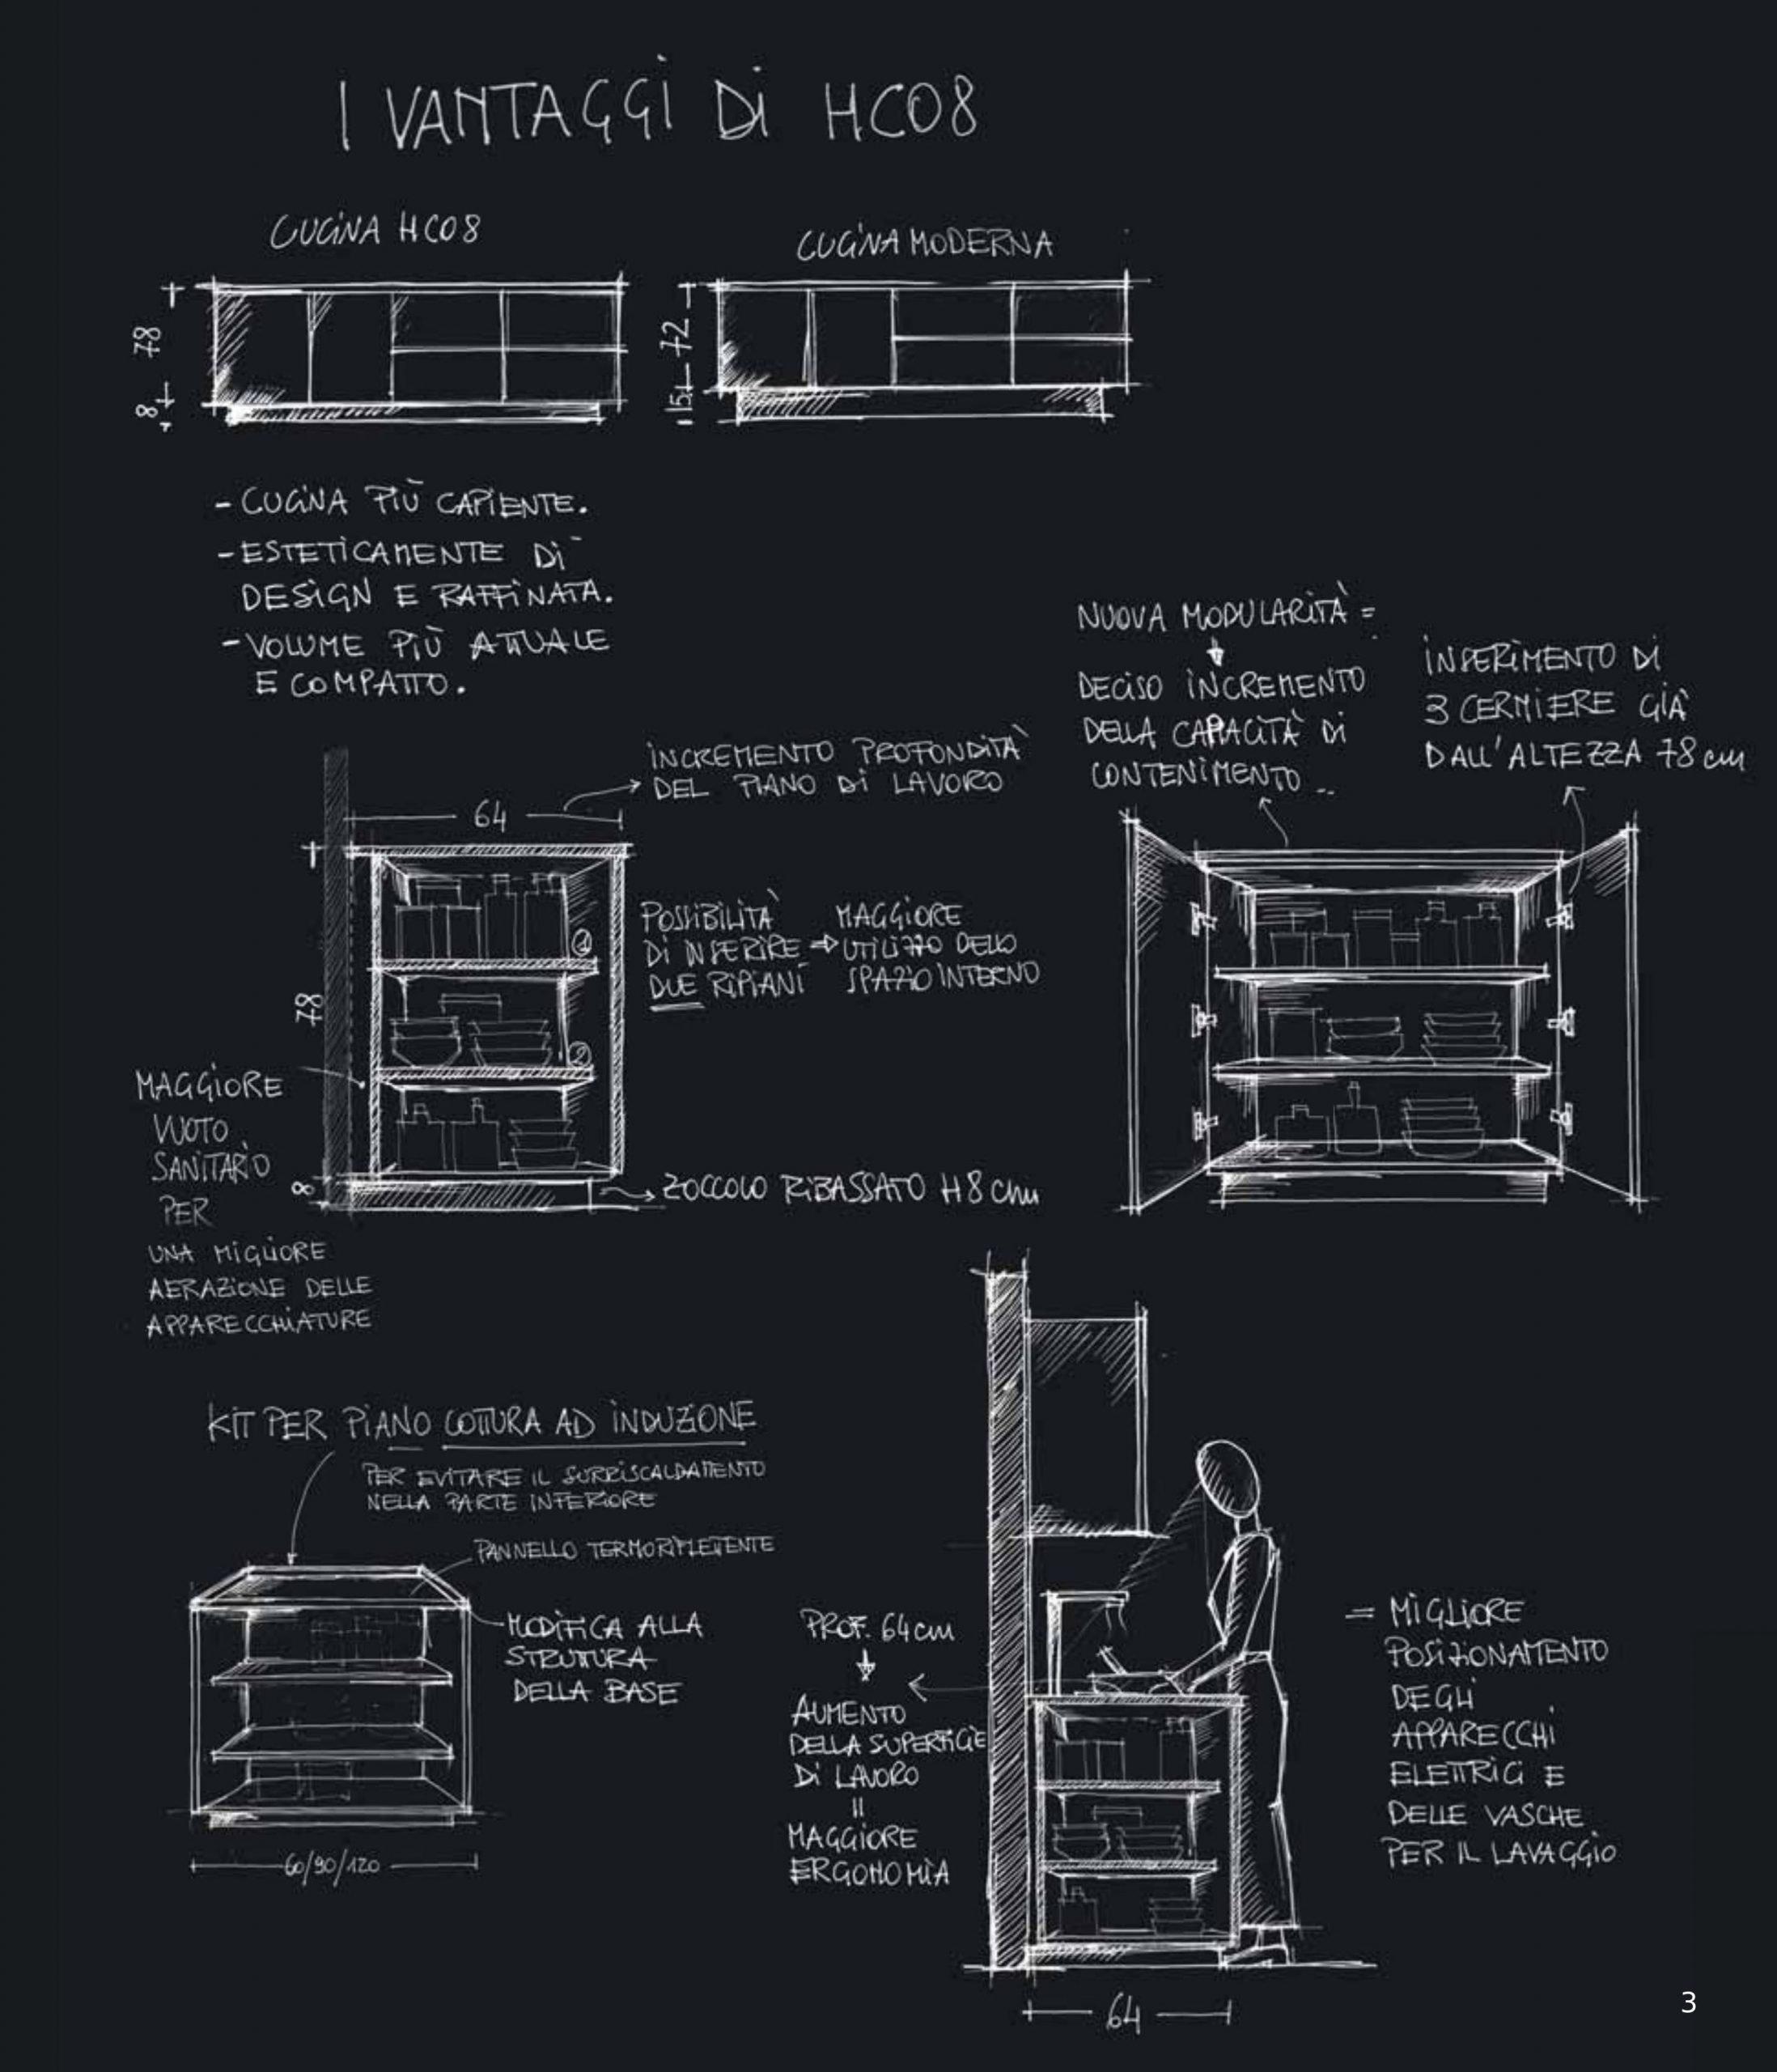 Schema descrittivo dei vantaggi delle cucine XXL e HC.08